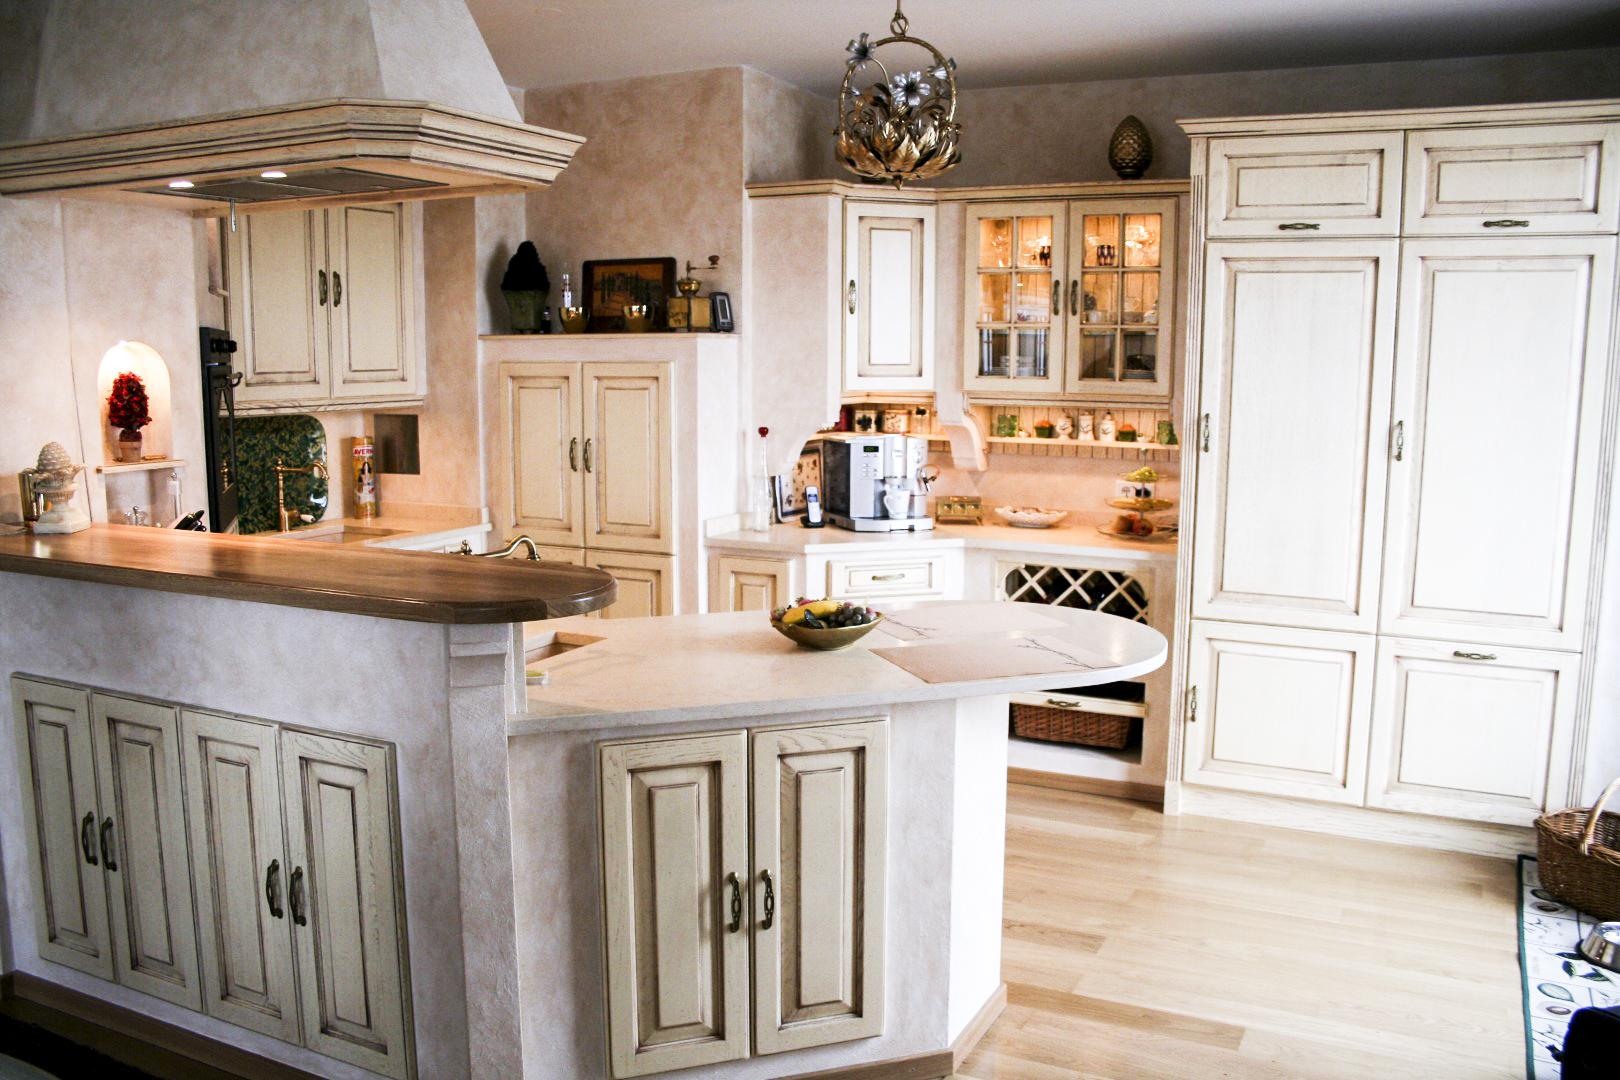 landhausk che nizza die landhausk che mediterrane k chen. Black Bedroom Furniture Sets. Home Design Ideas